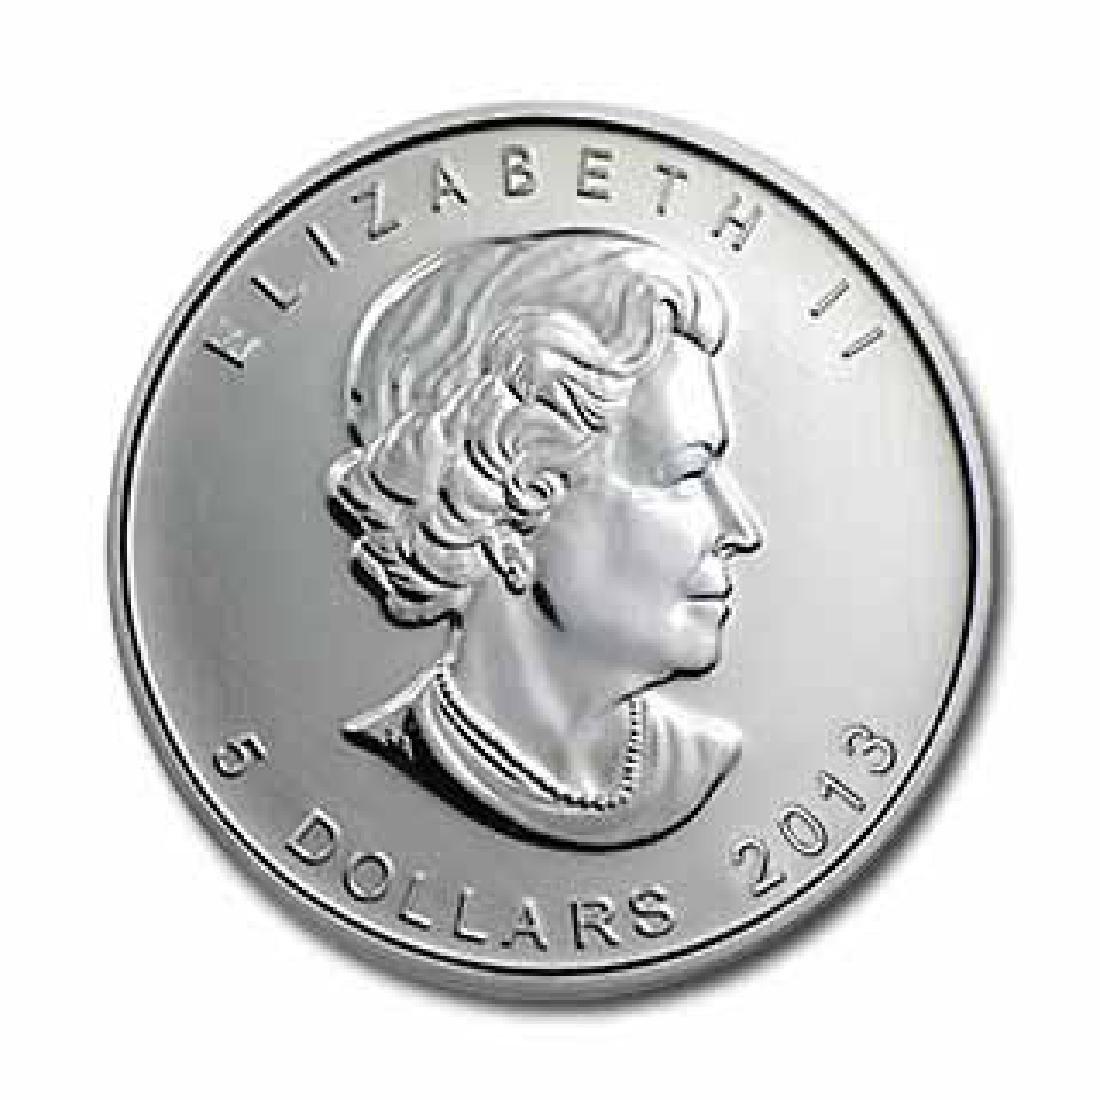 2013 Silver Maple Leaf 1 oz Uncirculated